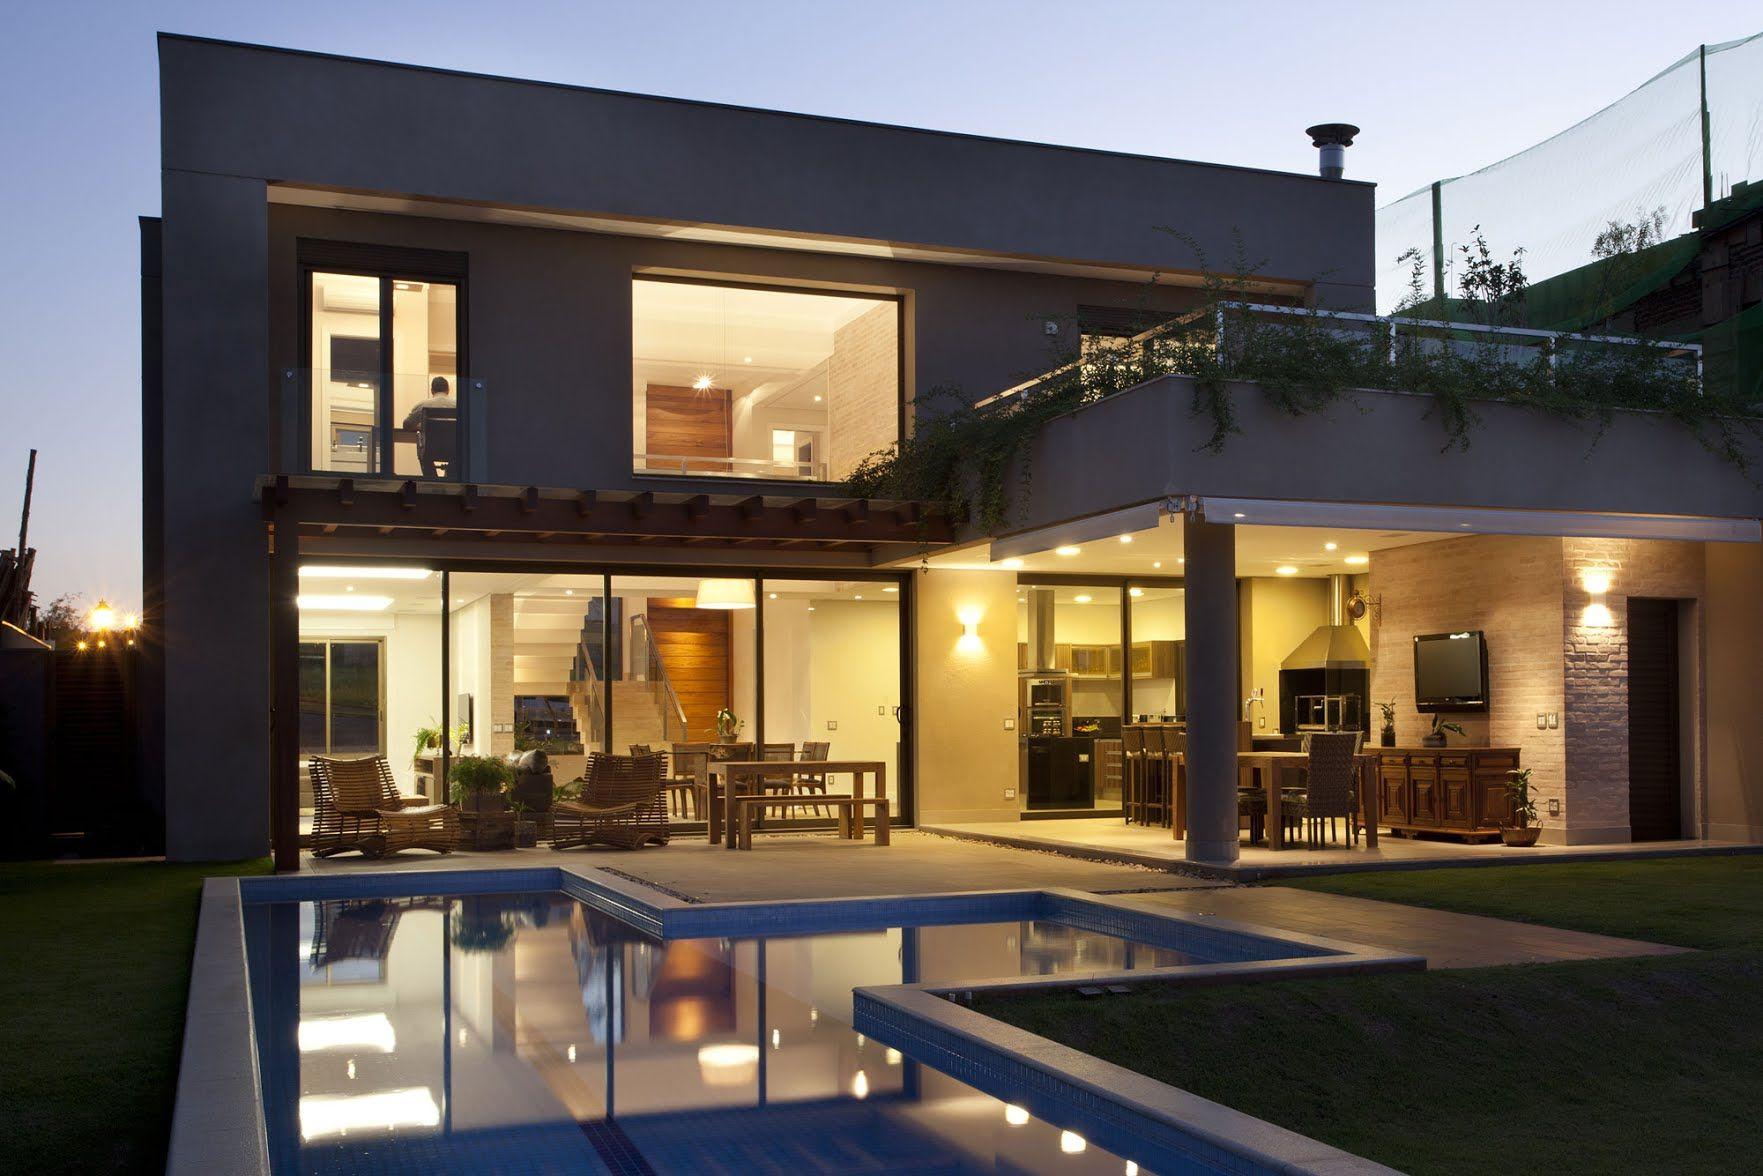 Residencia DF by Pupo Gaspar Arquitetura Fachadas de